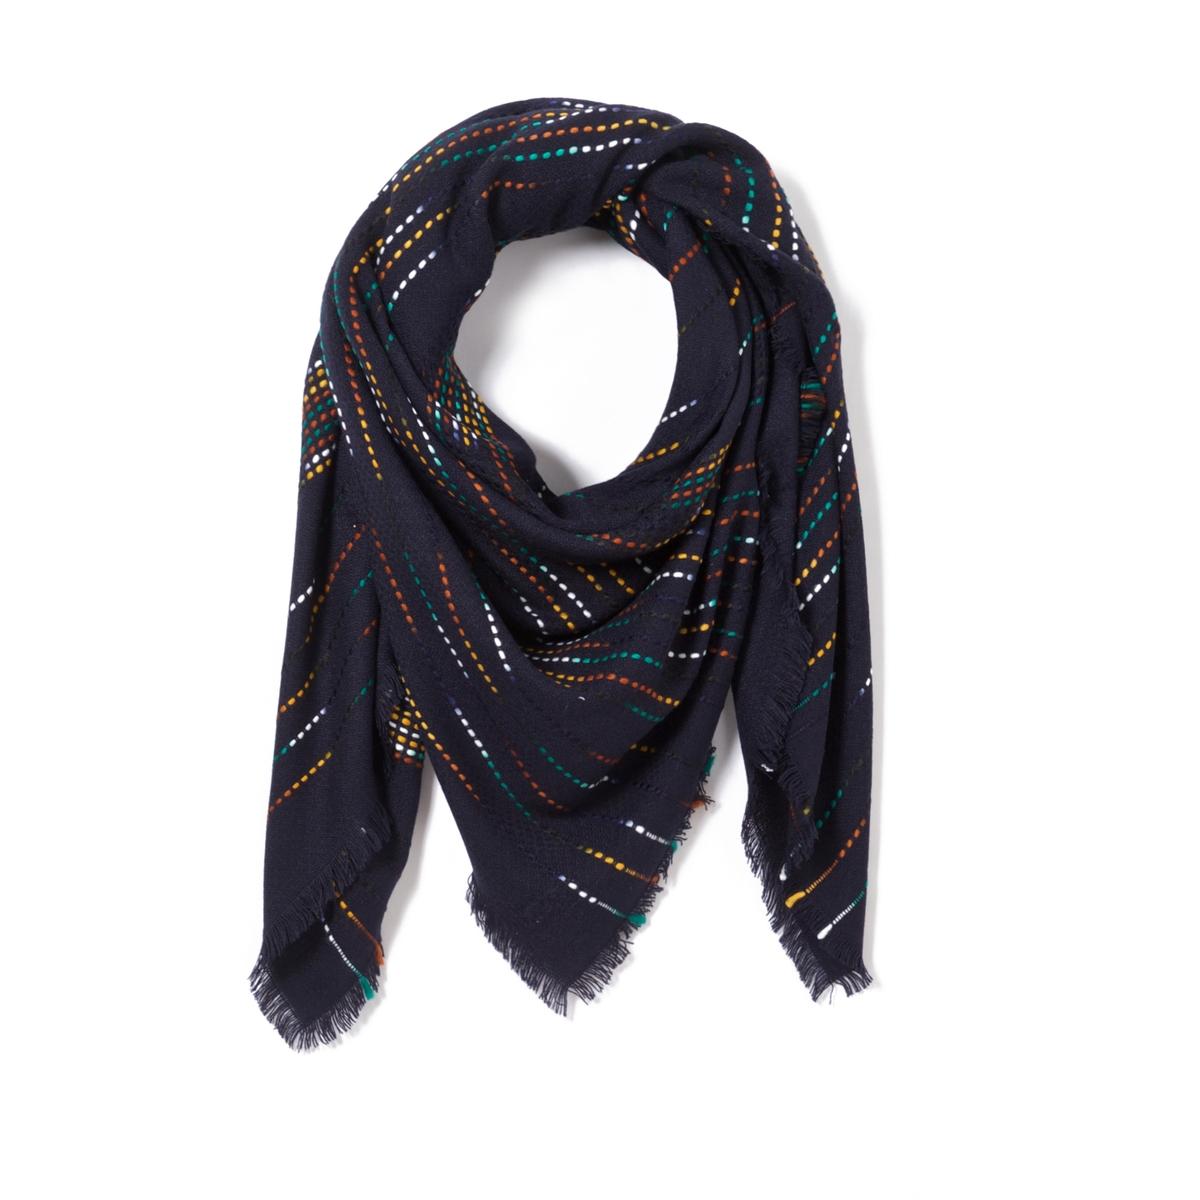 Шарф с блестящими деталямиЖенственный шарф с блестящими деталями украсит наш гардероб и придаст изысканности. Состав и описание : Материал : 100% акрилРазмеры : 160 X 160 смУход : Следуйте рекомендациям, указанным на этикетке изделия.<br><br>Цвет: бордовый,желтый горчичный,синий,черный<br>Размер: единый размер.единый размер.единый размер.единый размер